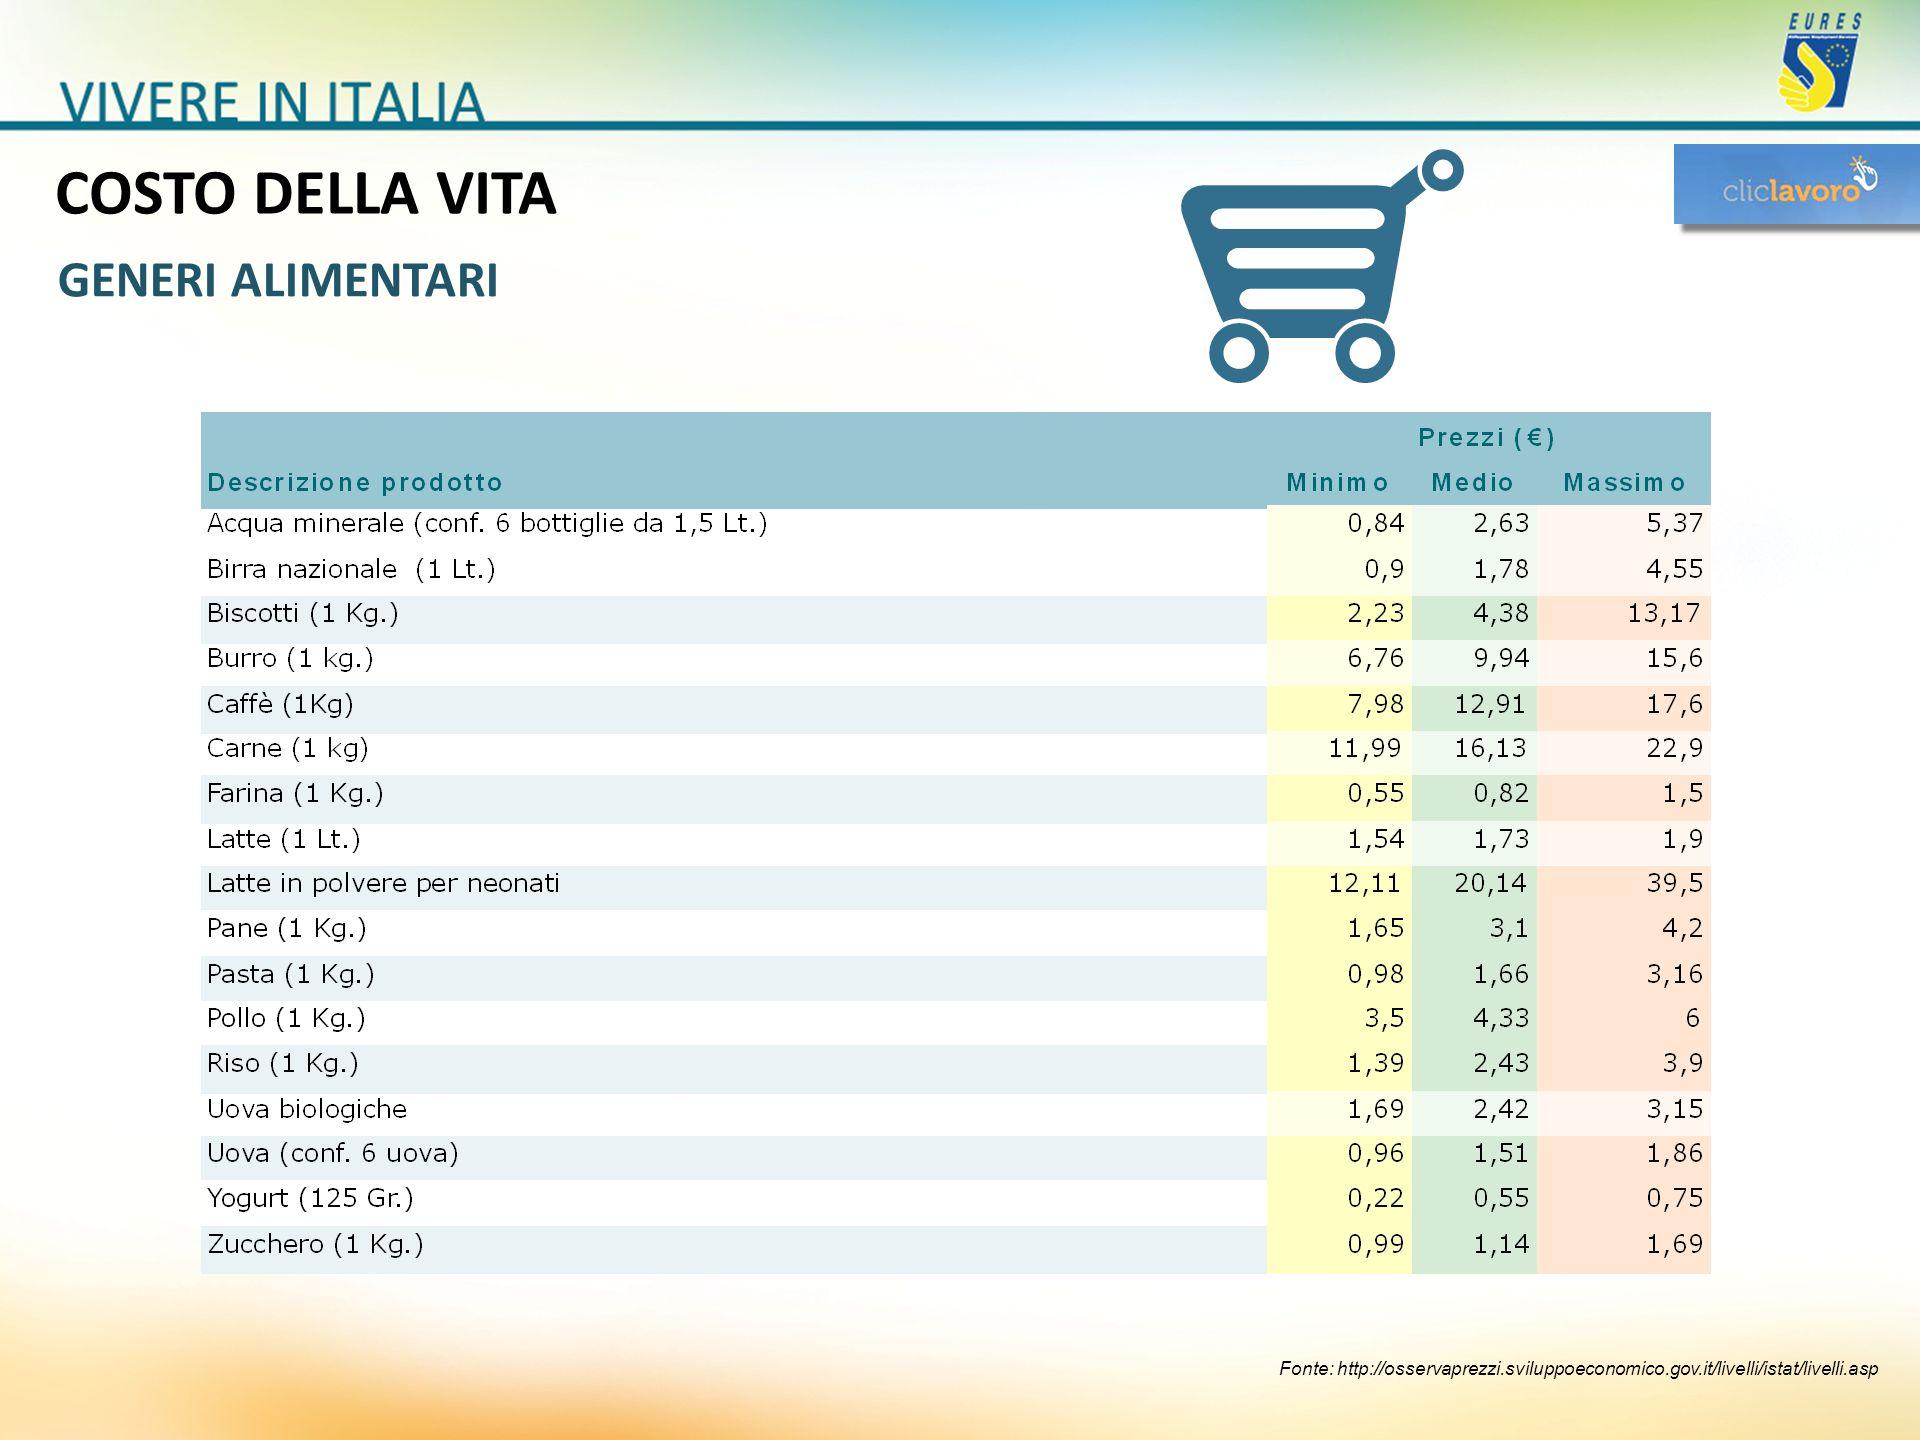 COSTO DELLA VITA Fonte: http://osservaprezzi.sviluppoeconomico.gov.it/livelli/istat/livelli.asp GENERI ALIMENTARI